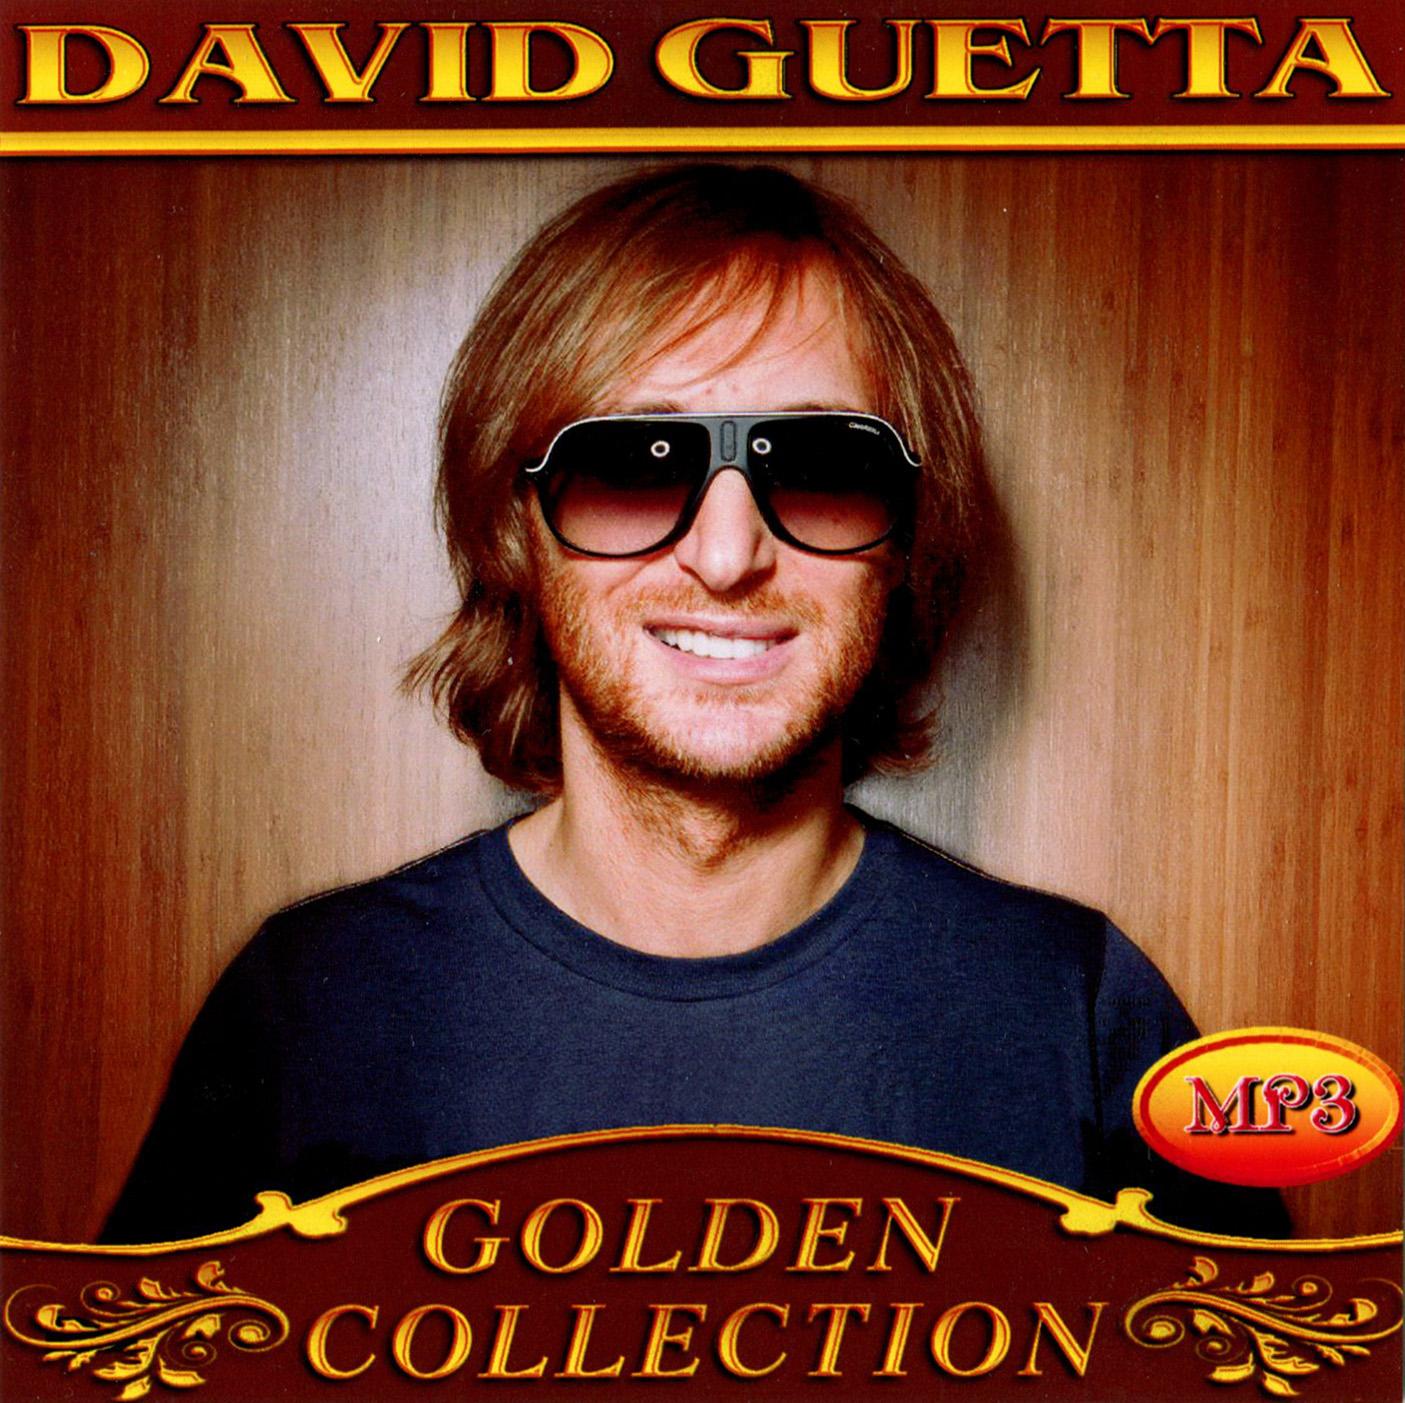 David Guetta [mp3]